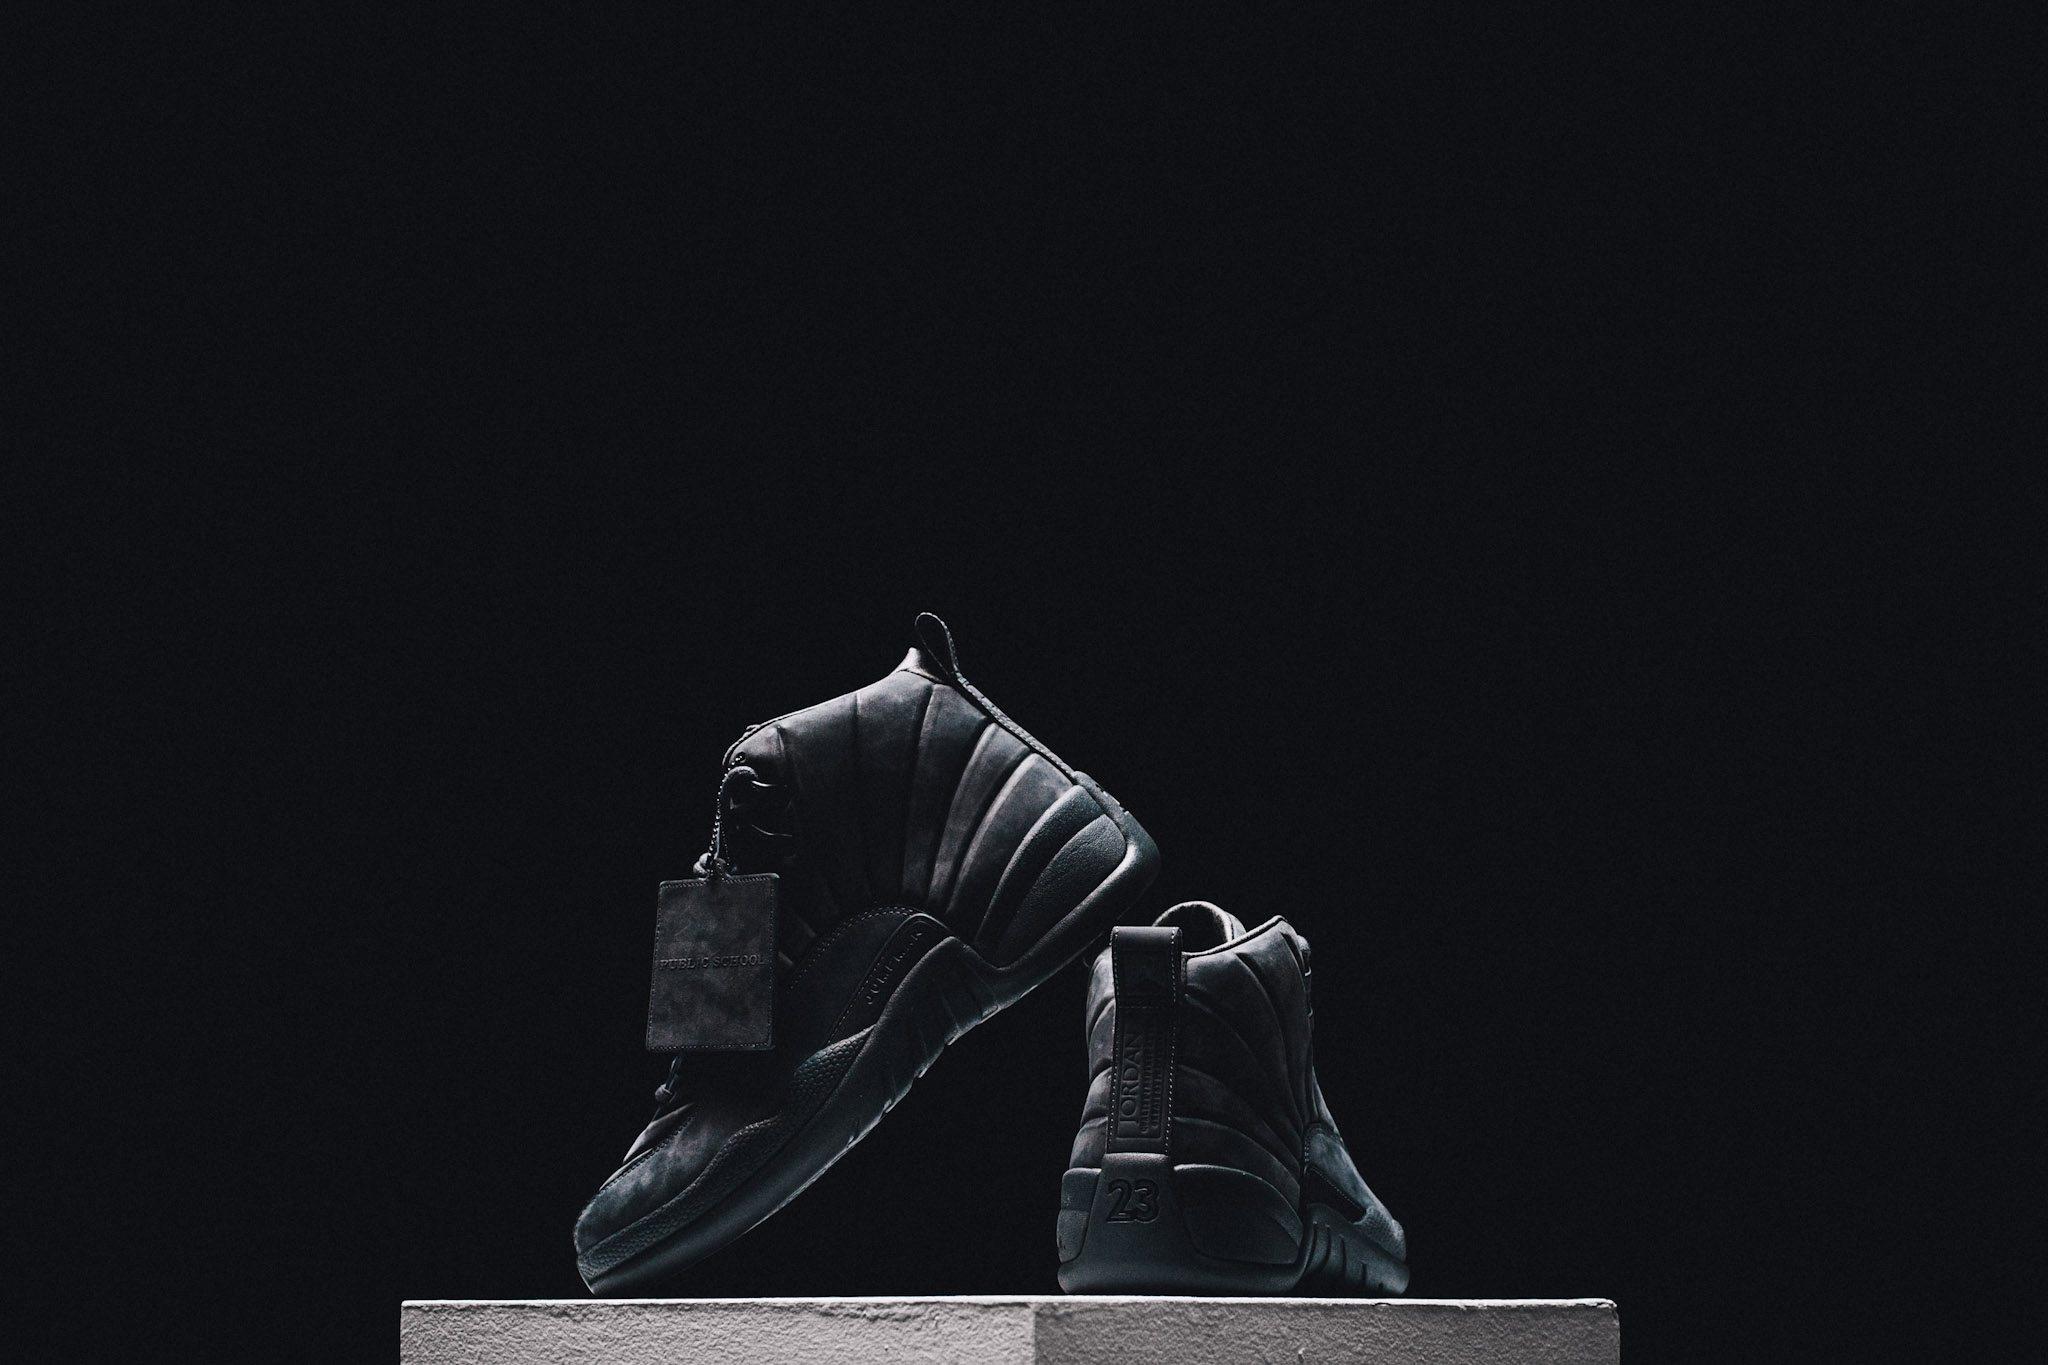 Air Jordan x PSNY 3